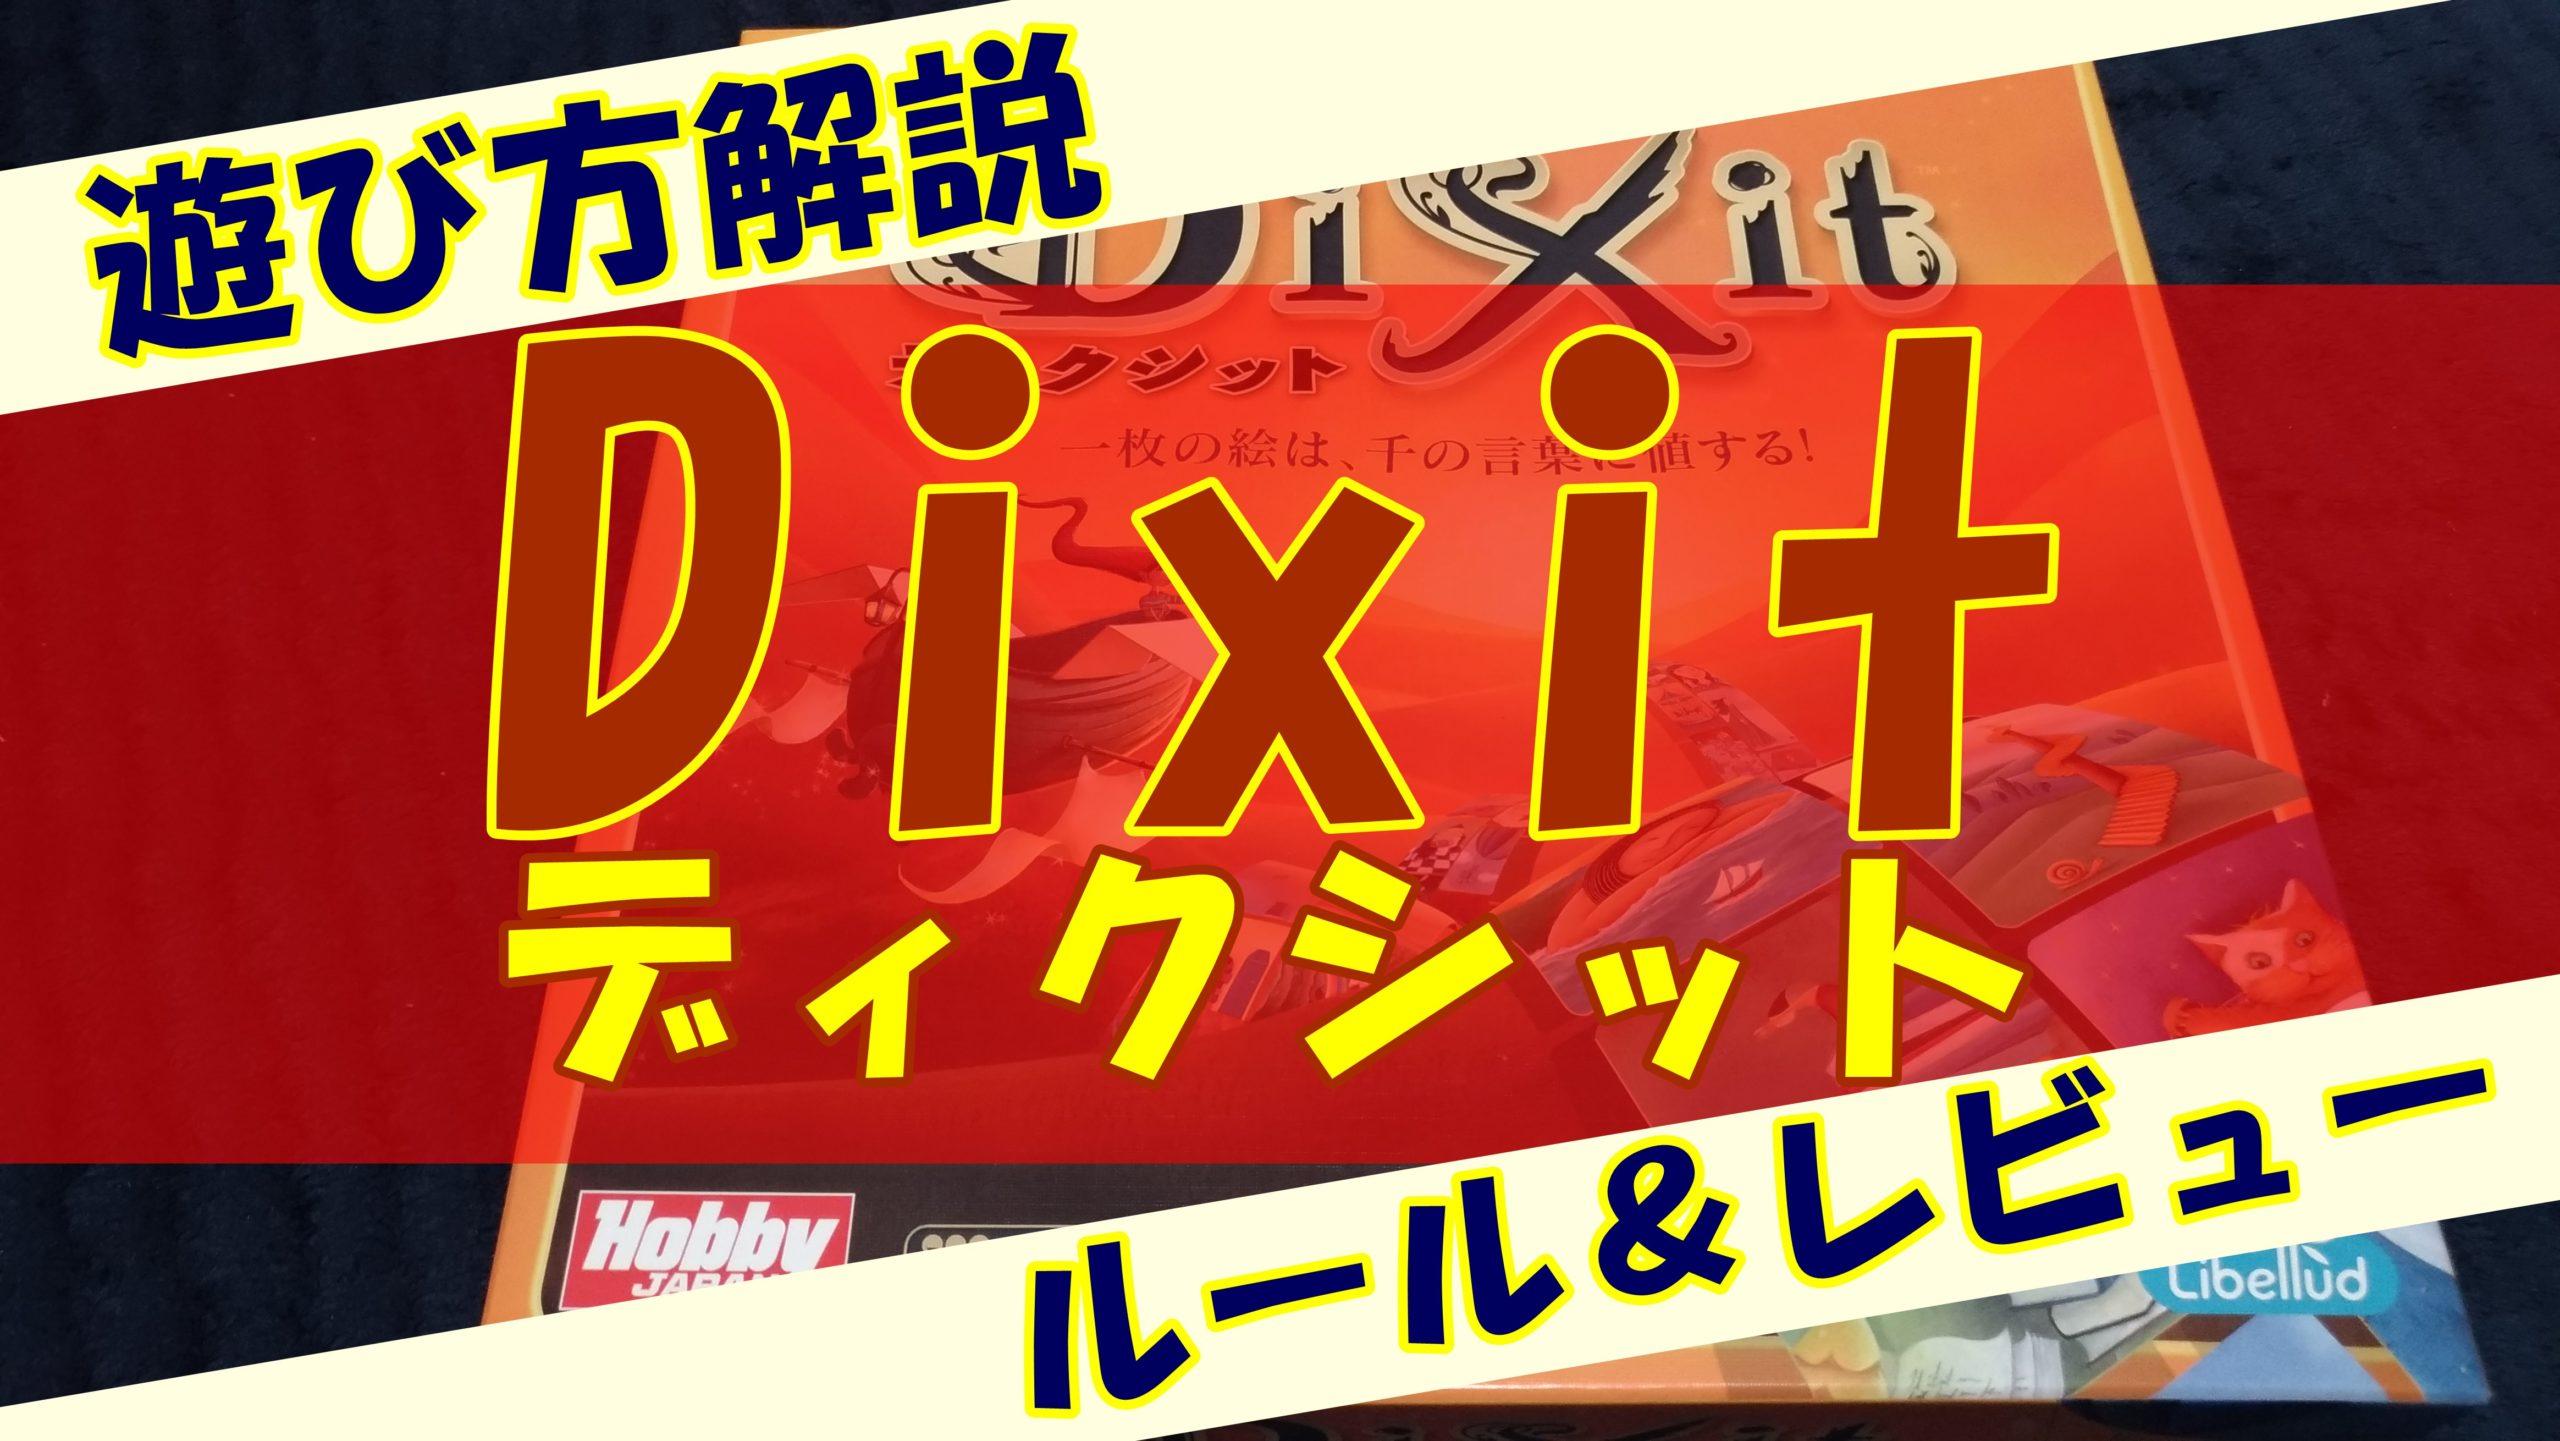 【遊び方解説】ディクシット(Dixit)【ルール&レビュー】